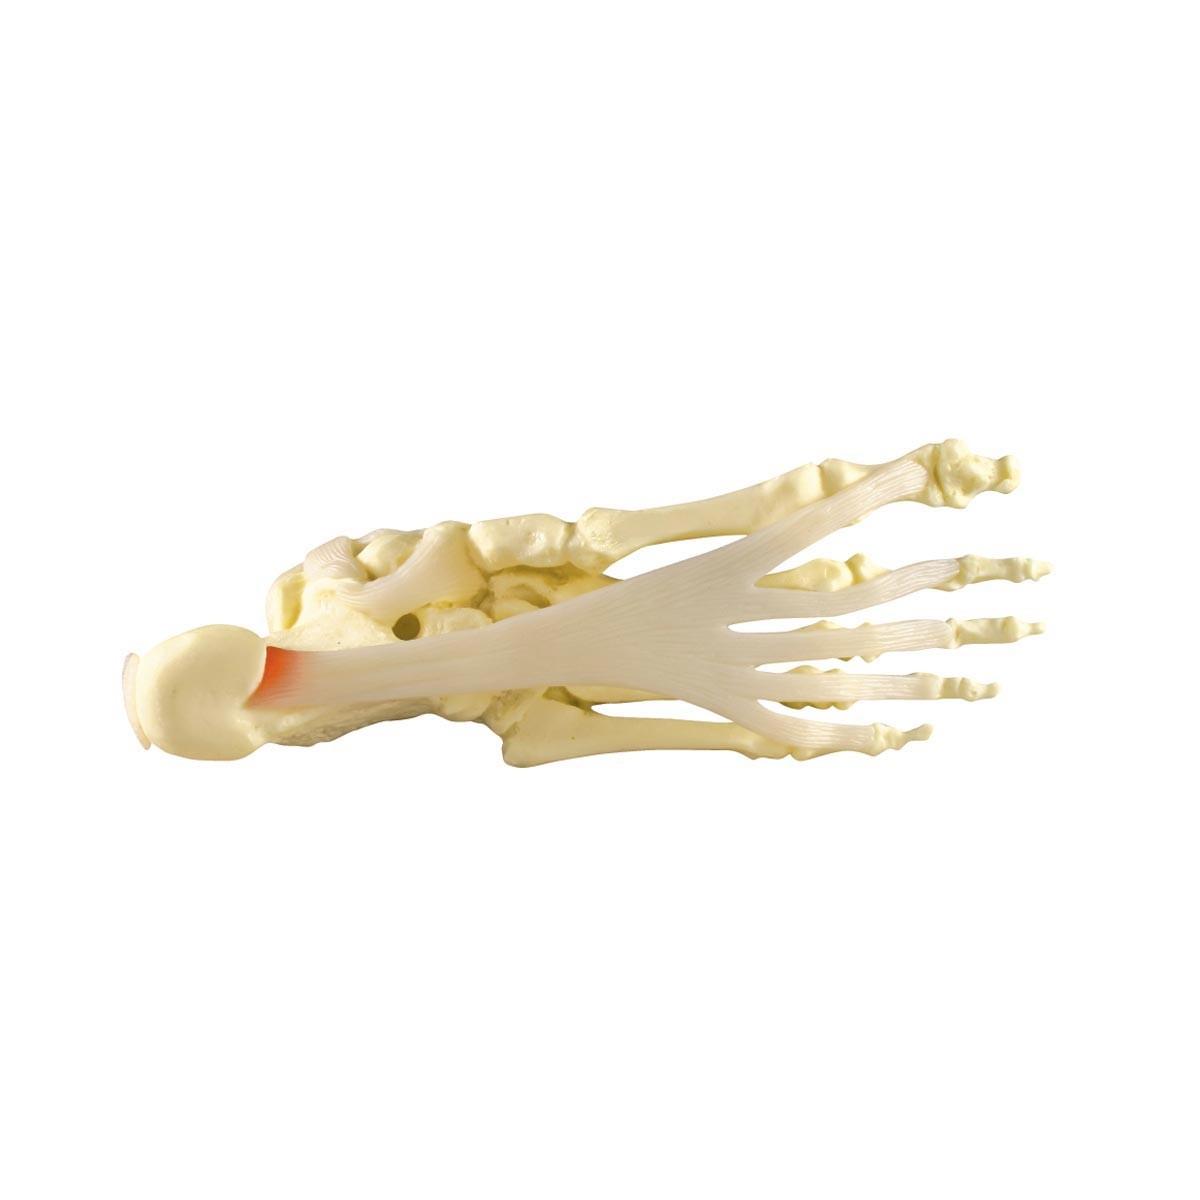 Modell des Fußes/Knöchels mit Plantarfasziitis